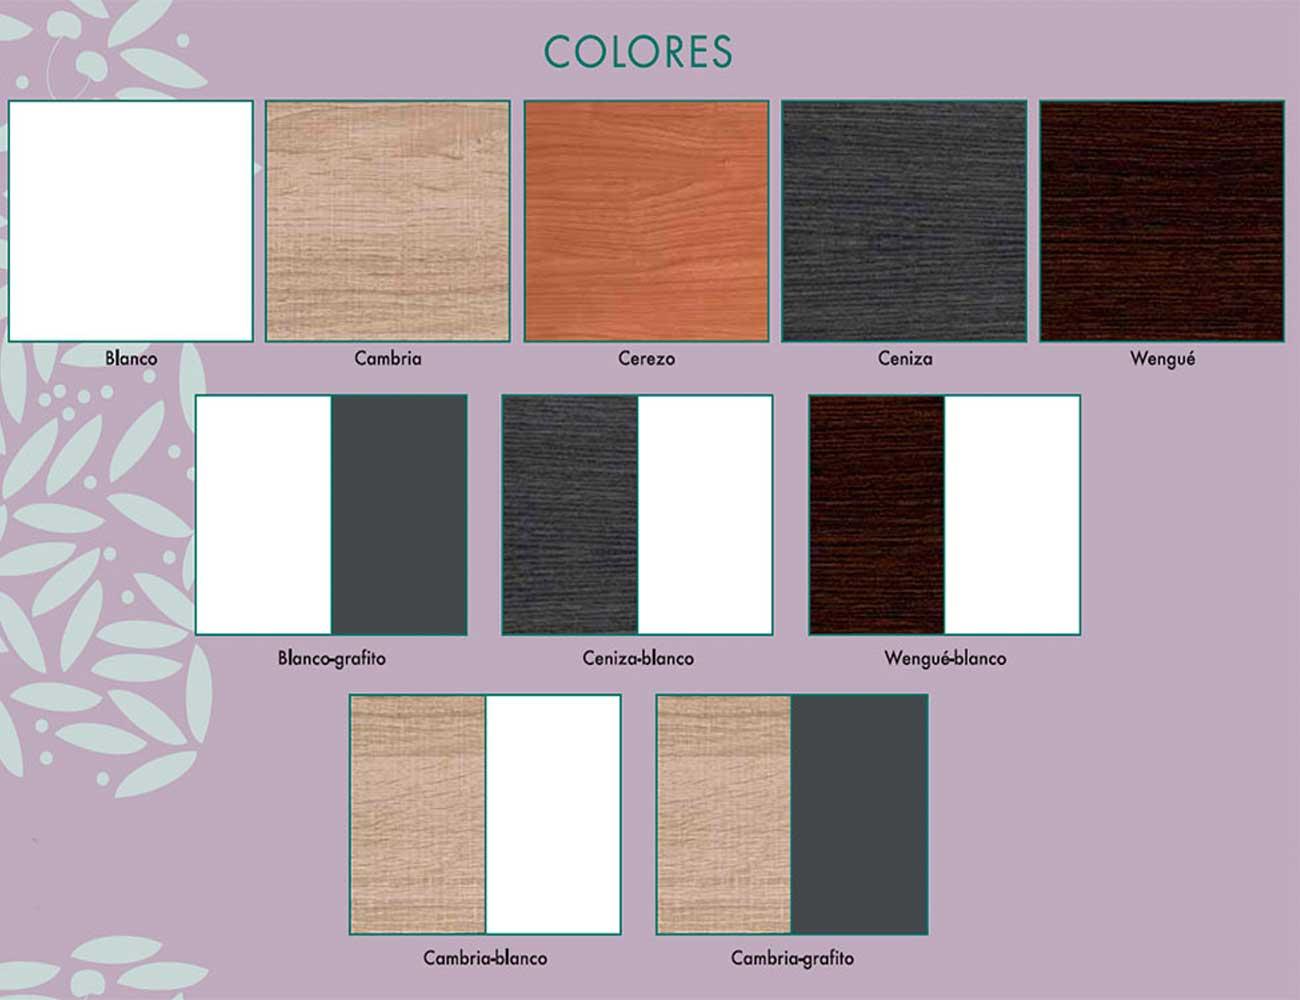 Salon colores1